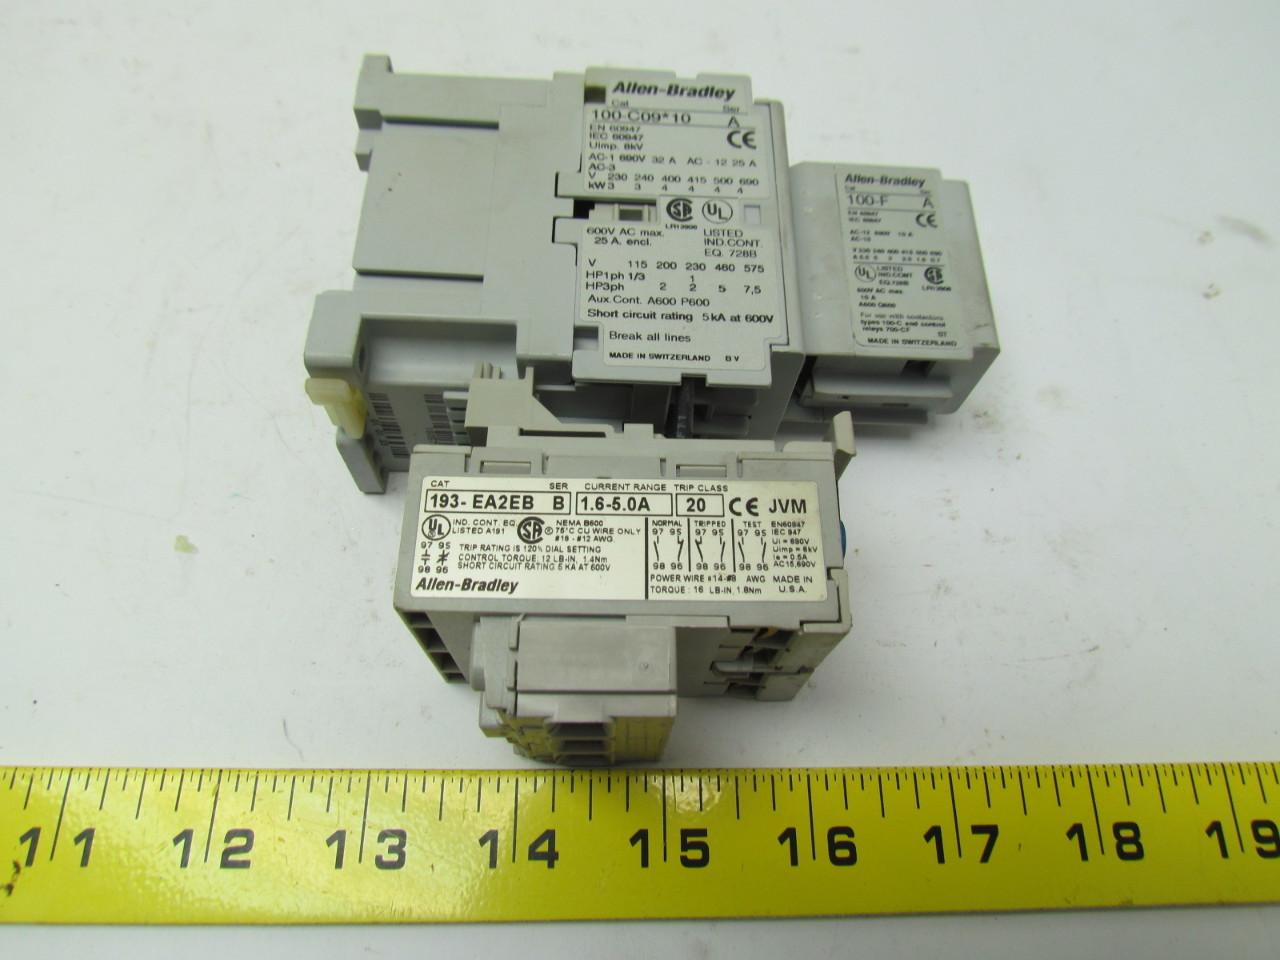 Wiring Diagram Allen Bradley Contactor : Allen bradley c pole contactor w ea eb